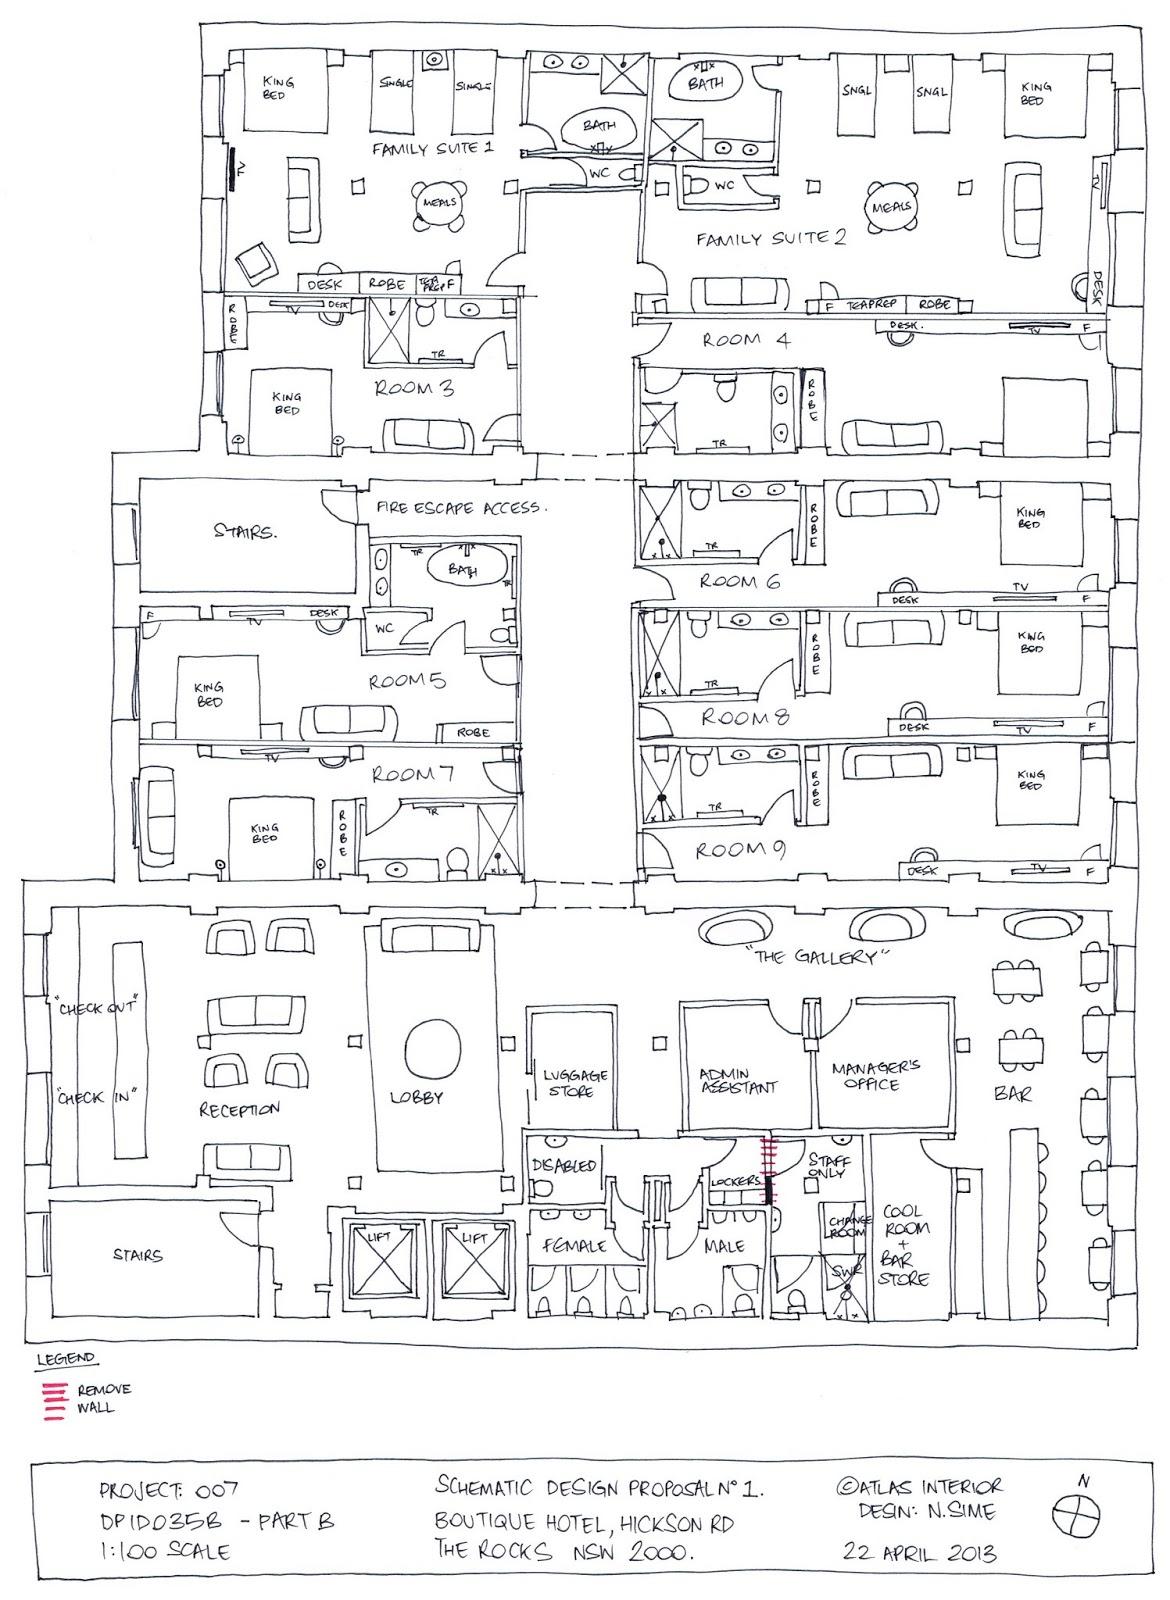 Interiors: DPID035B Complex Brief // Present Schematic